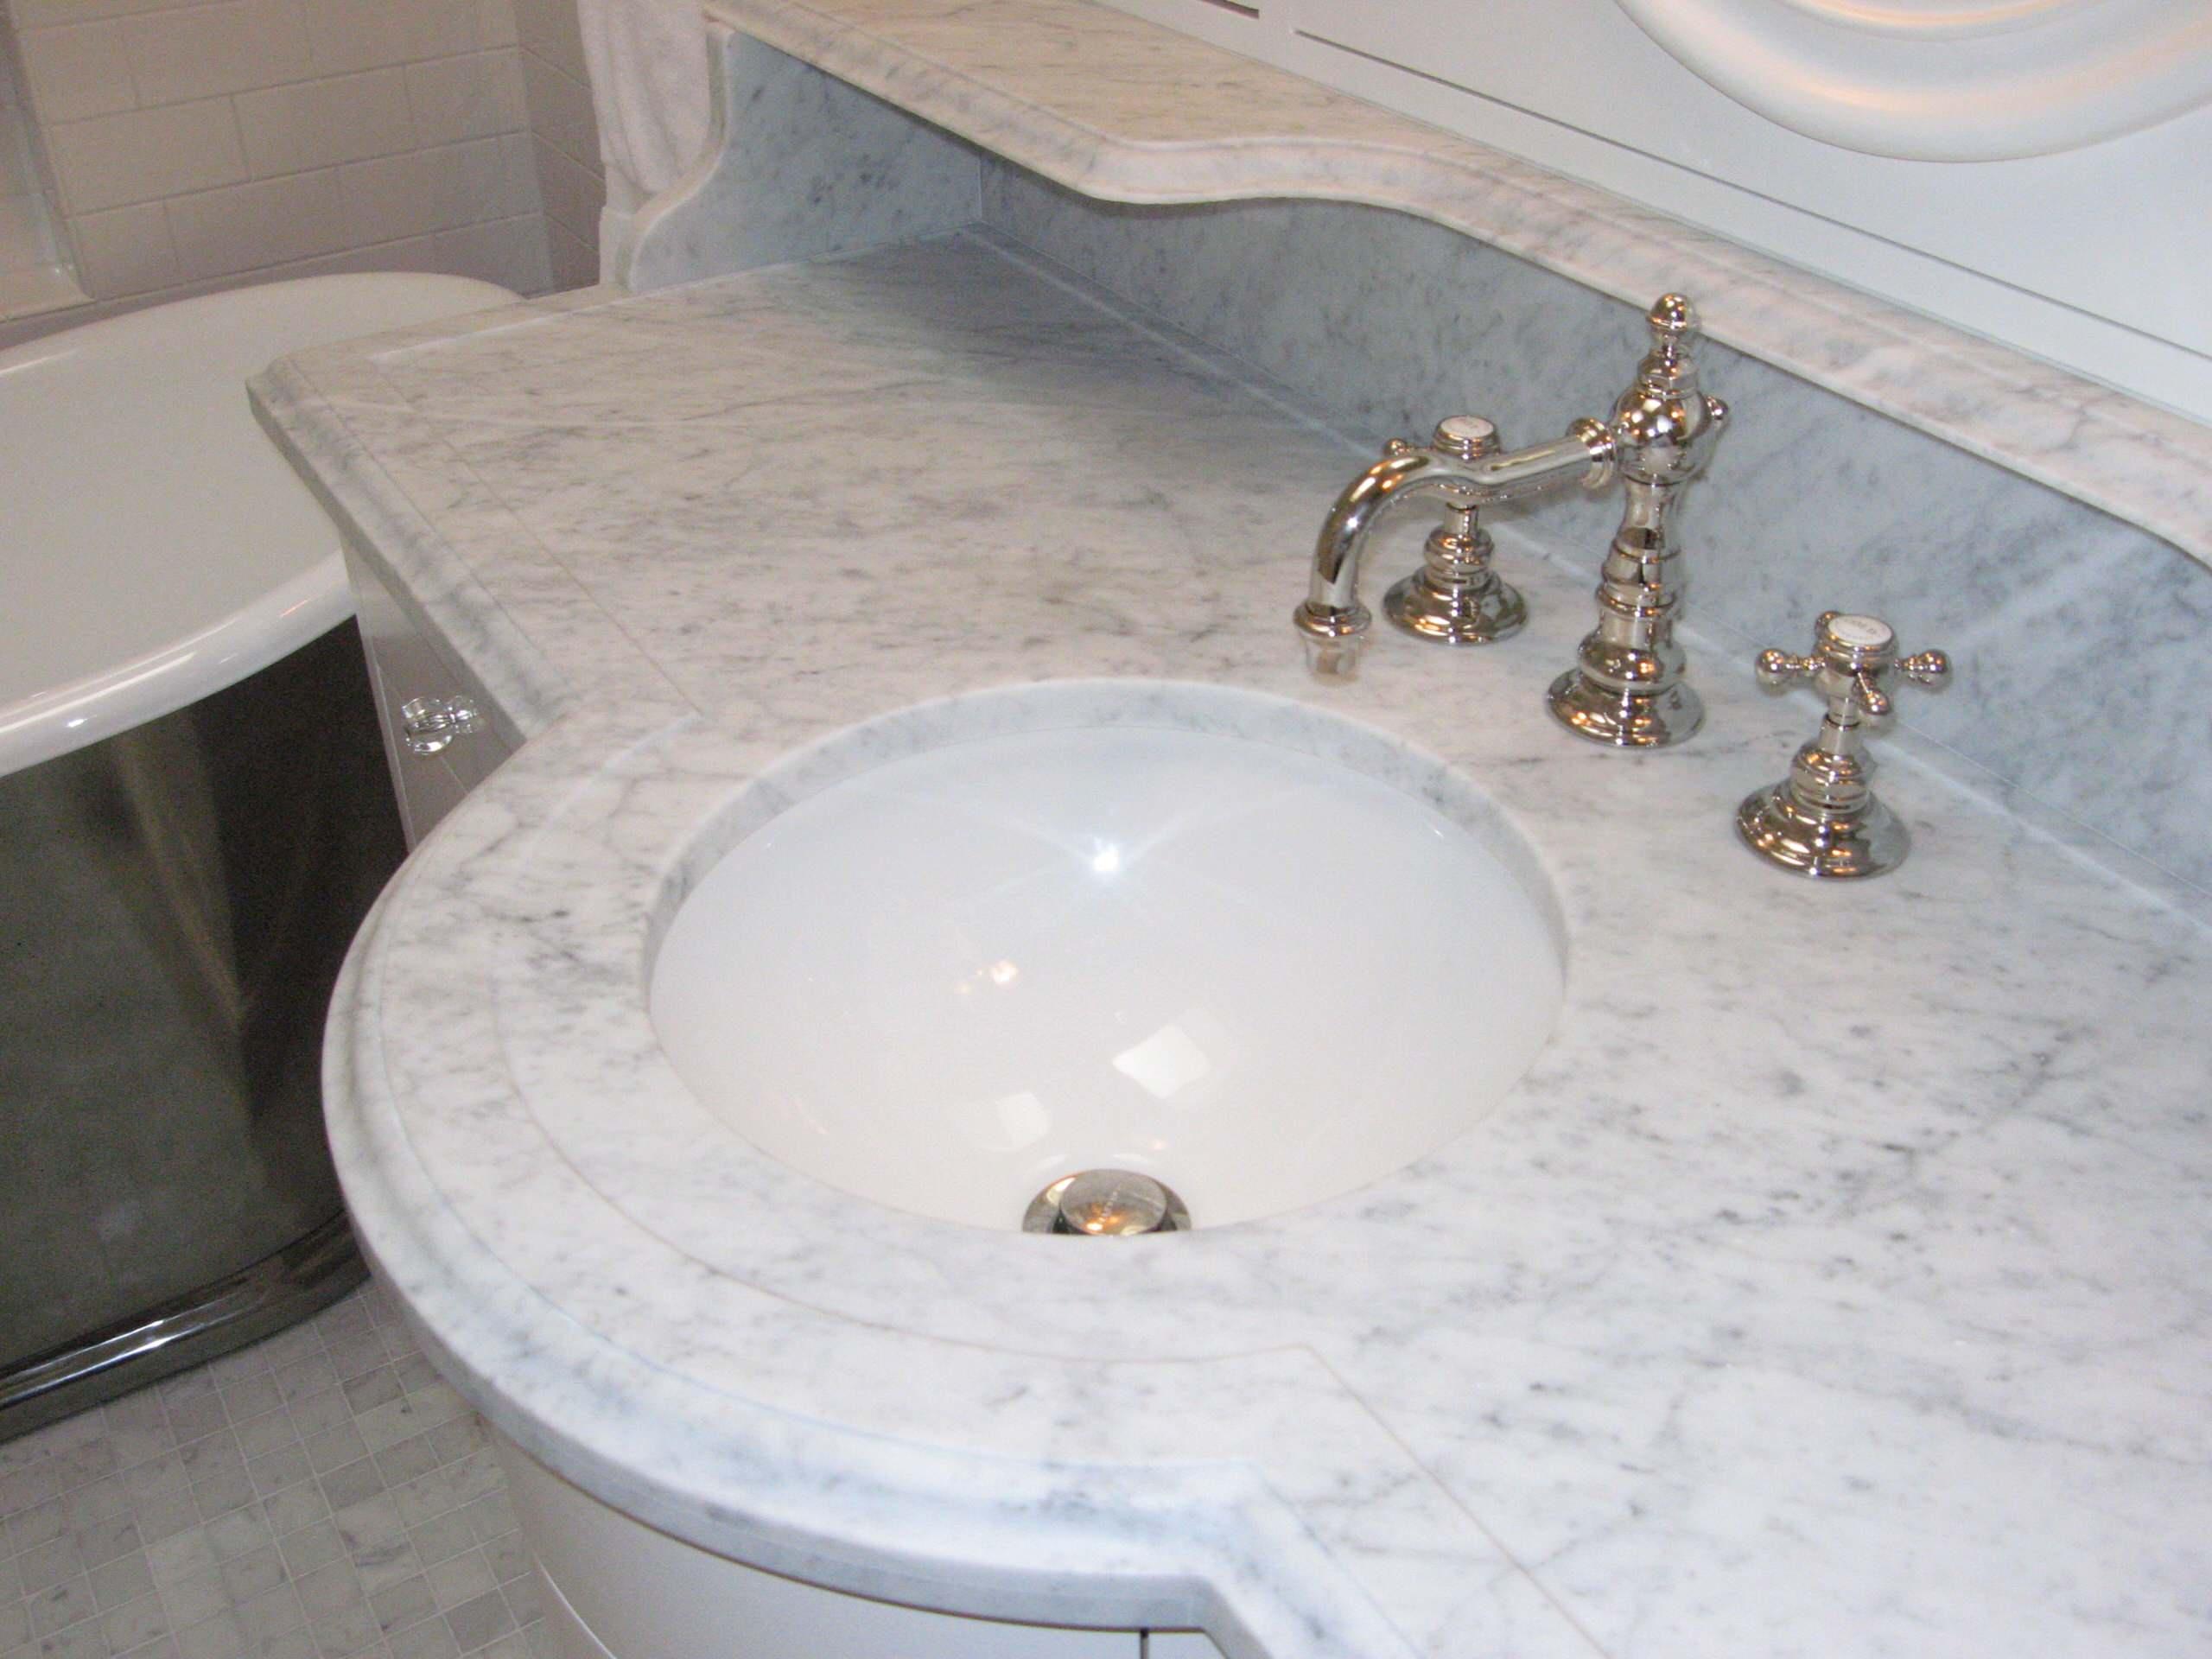 Marble bathroom built-in sink